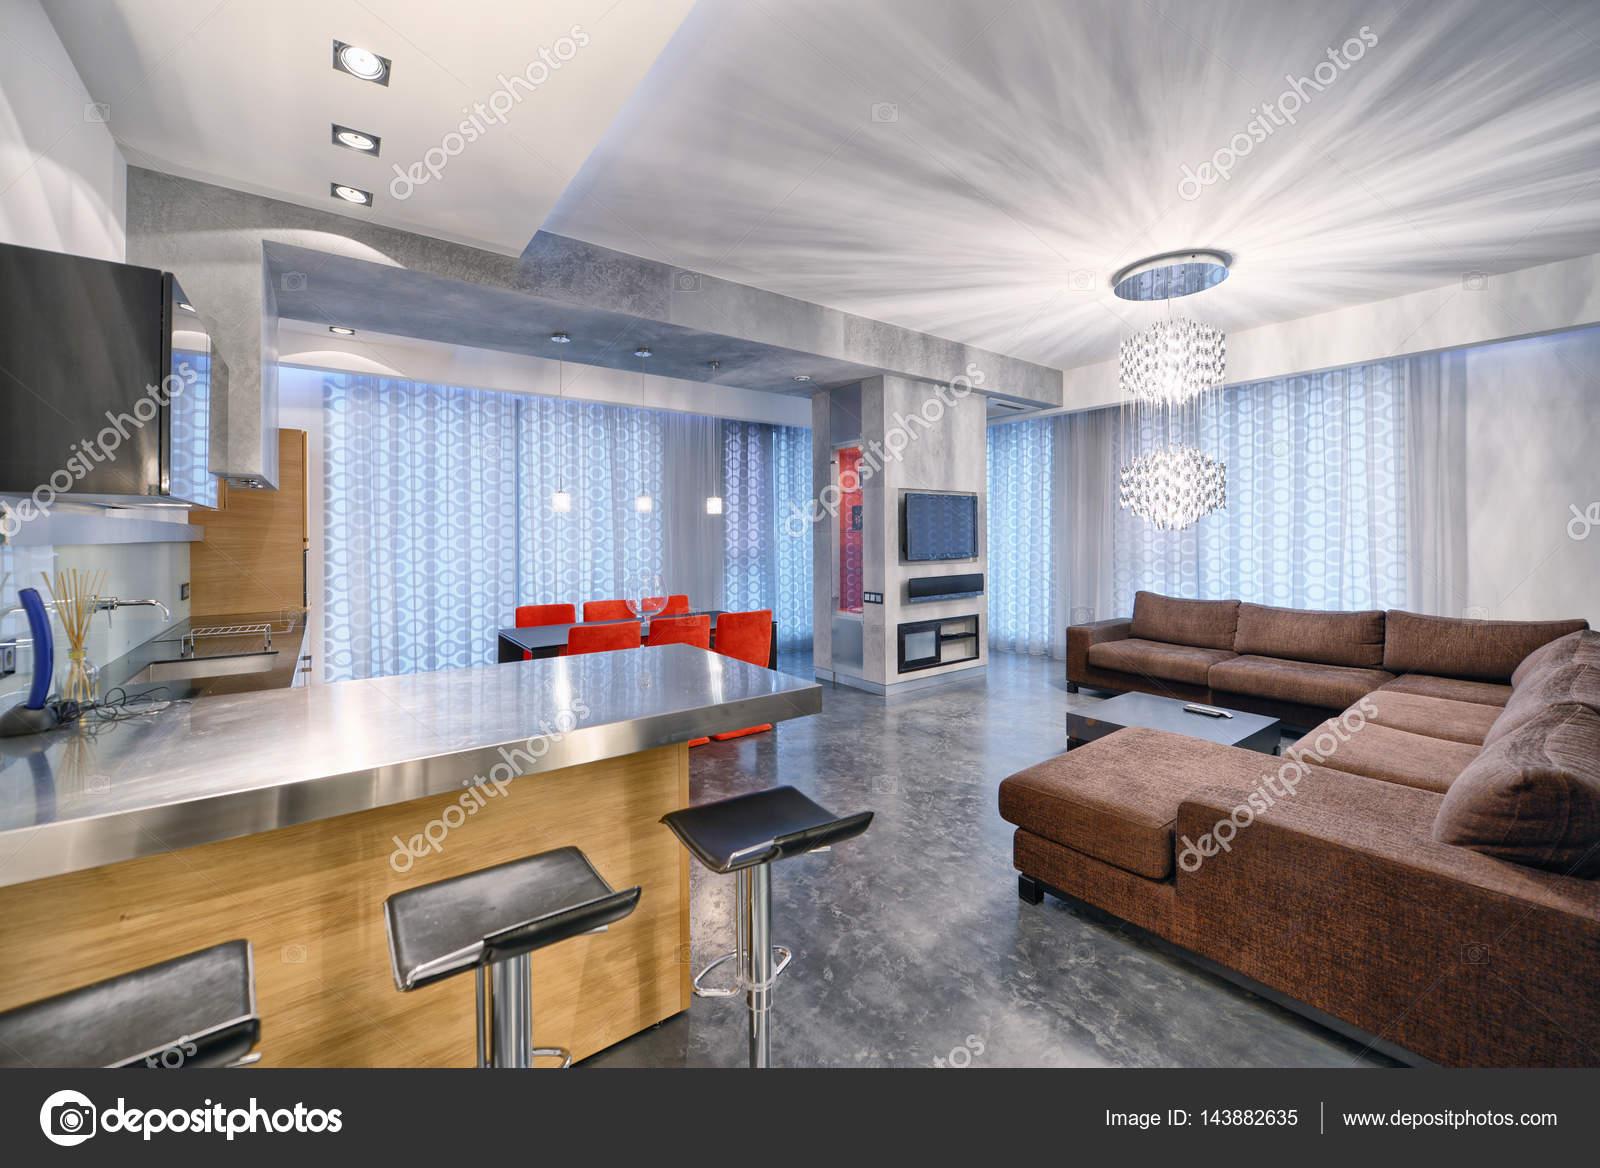 Nieuwe Design Keuken : Interieur design keuken woonkamer in luxe nieuw appartement